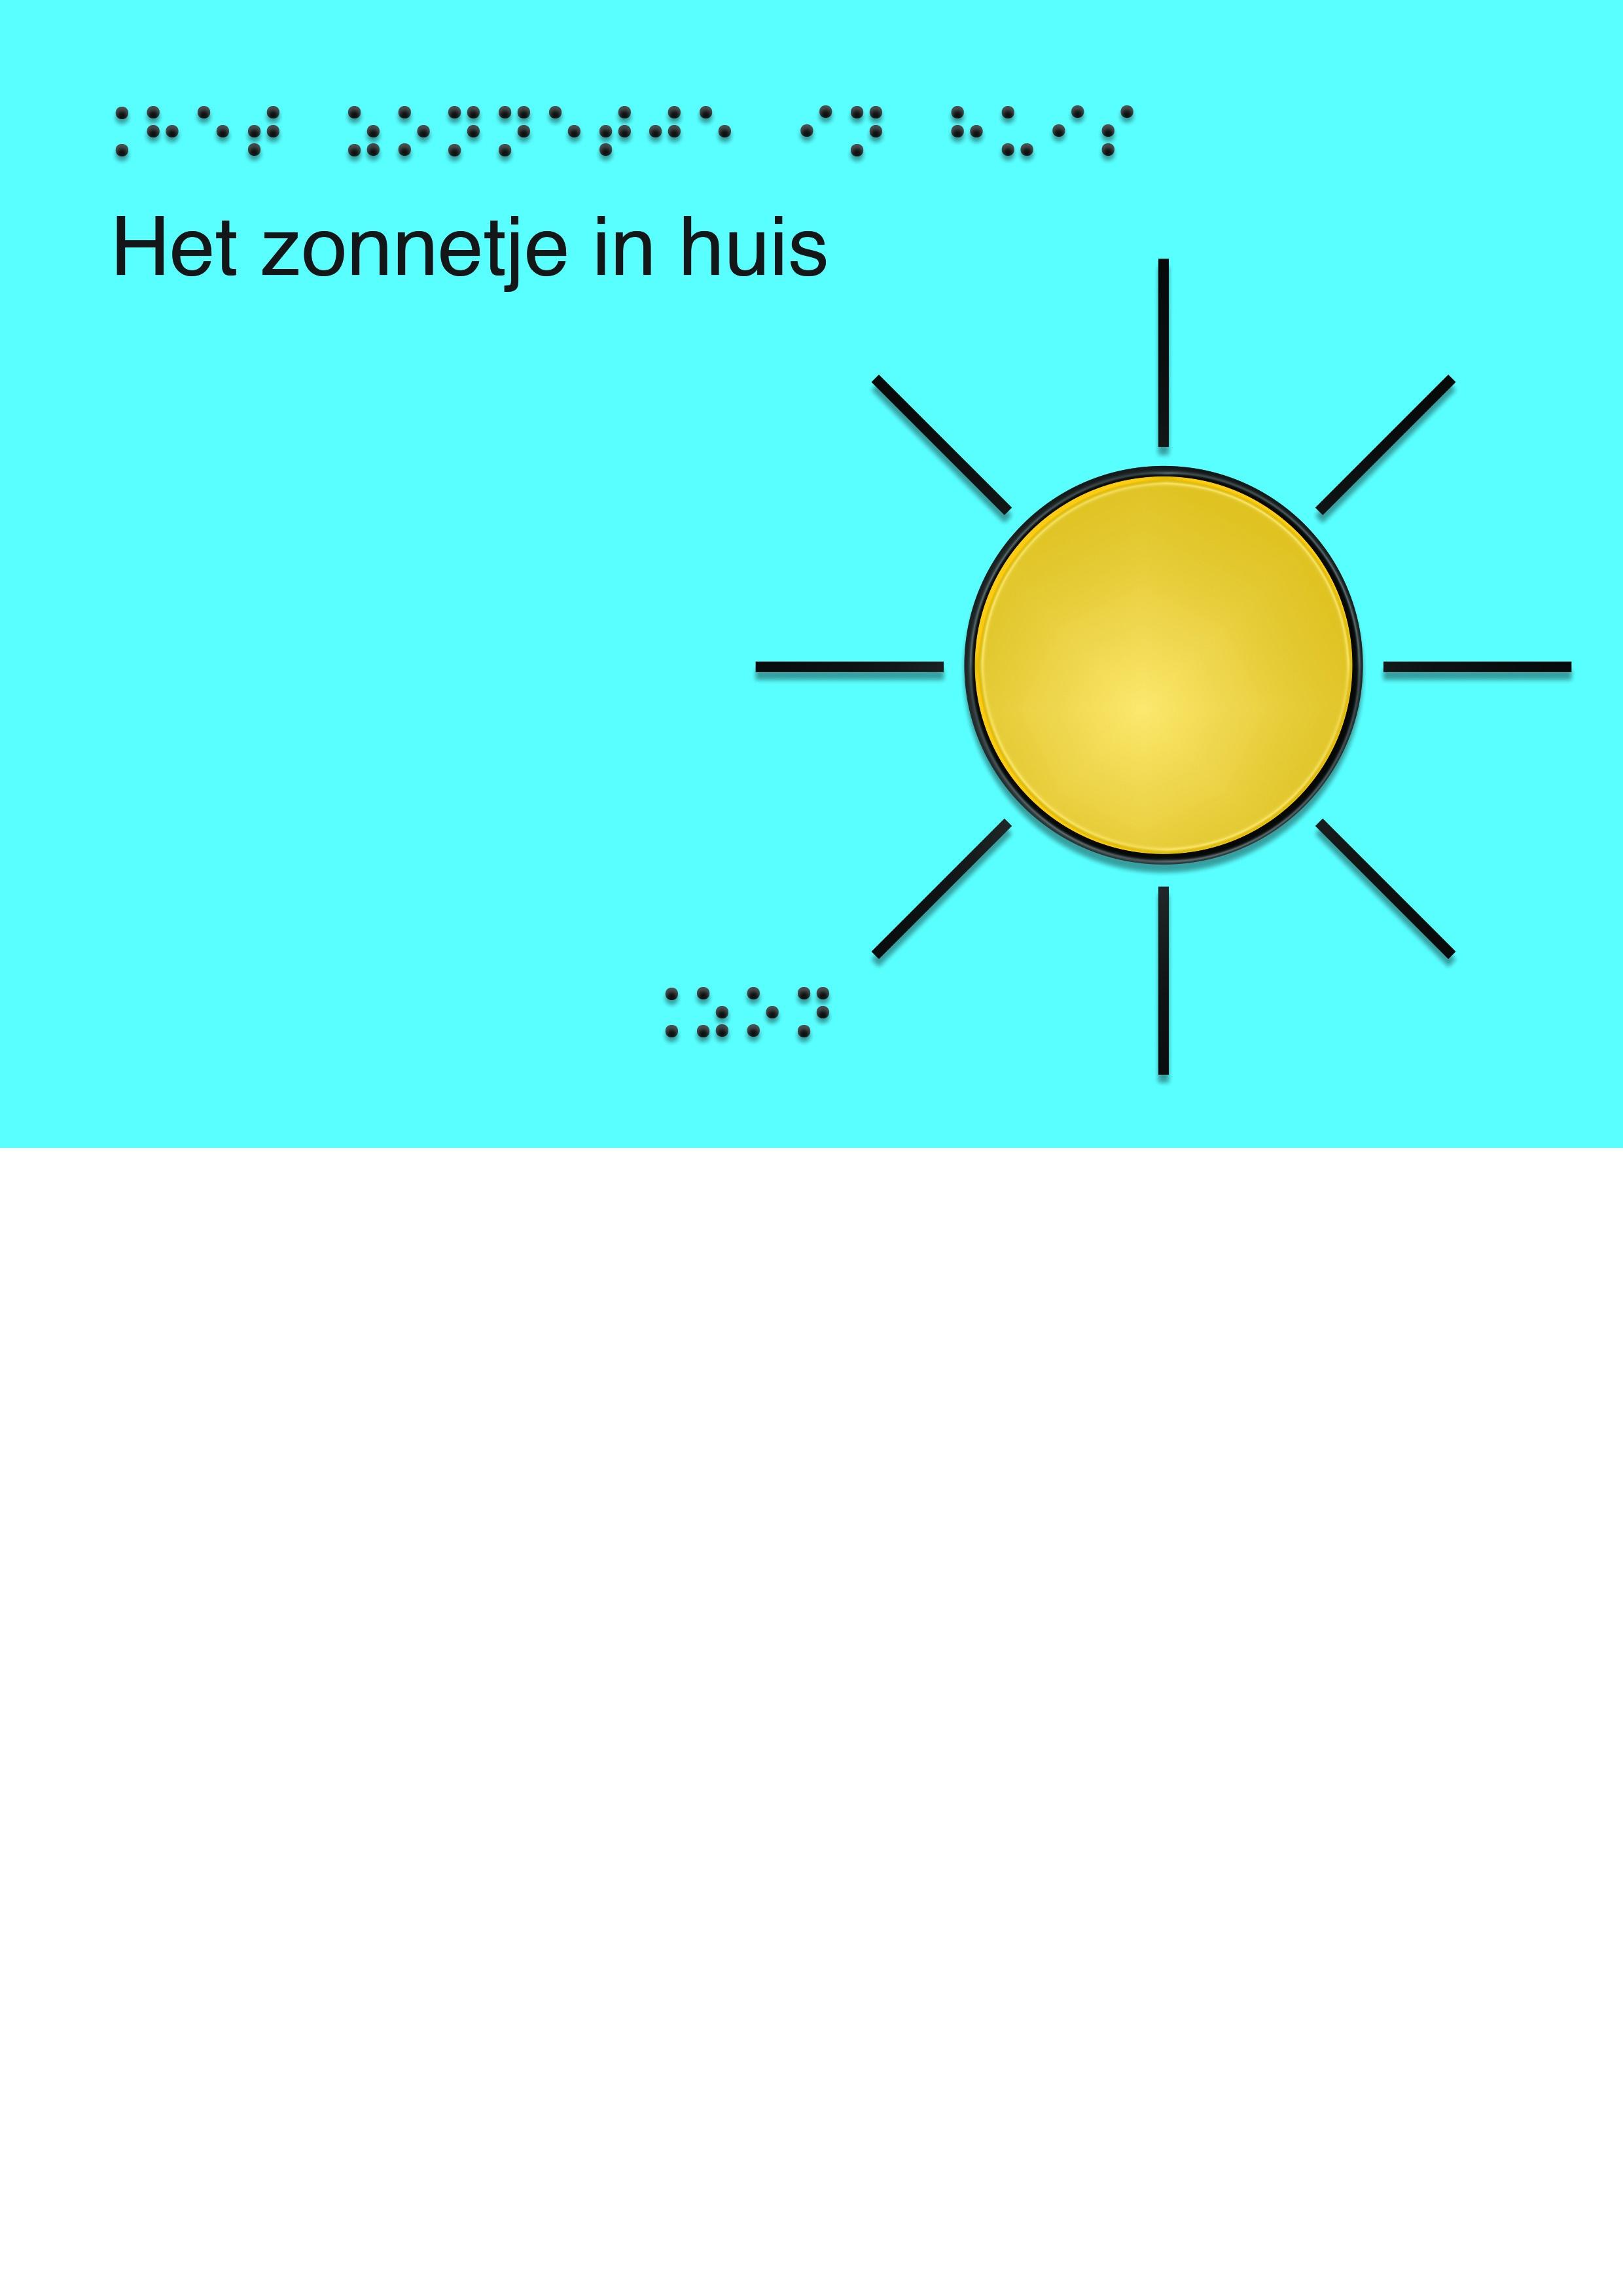 Voelbare wenskaart met braille en reliëf. In braille de tekst: Het zonnetje in huis. Met een full color voelbare afbeelding van een zonnetje.